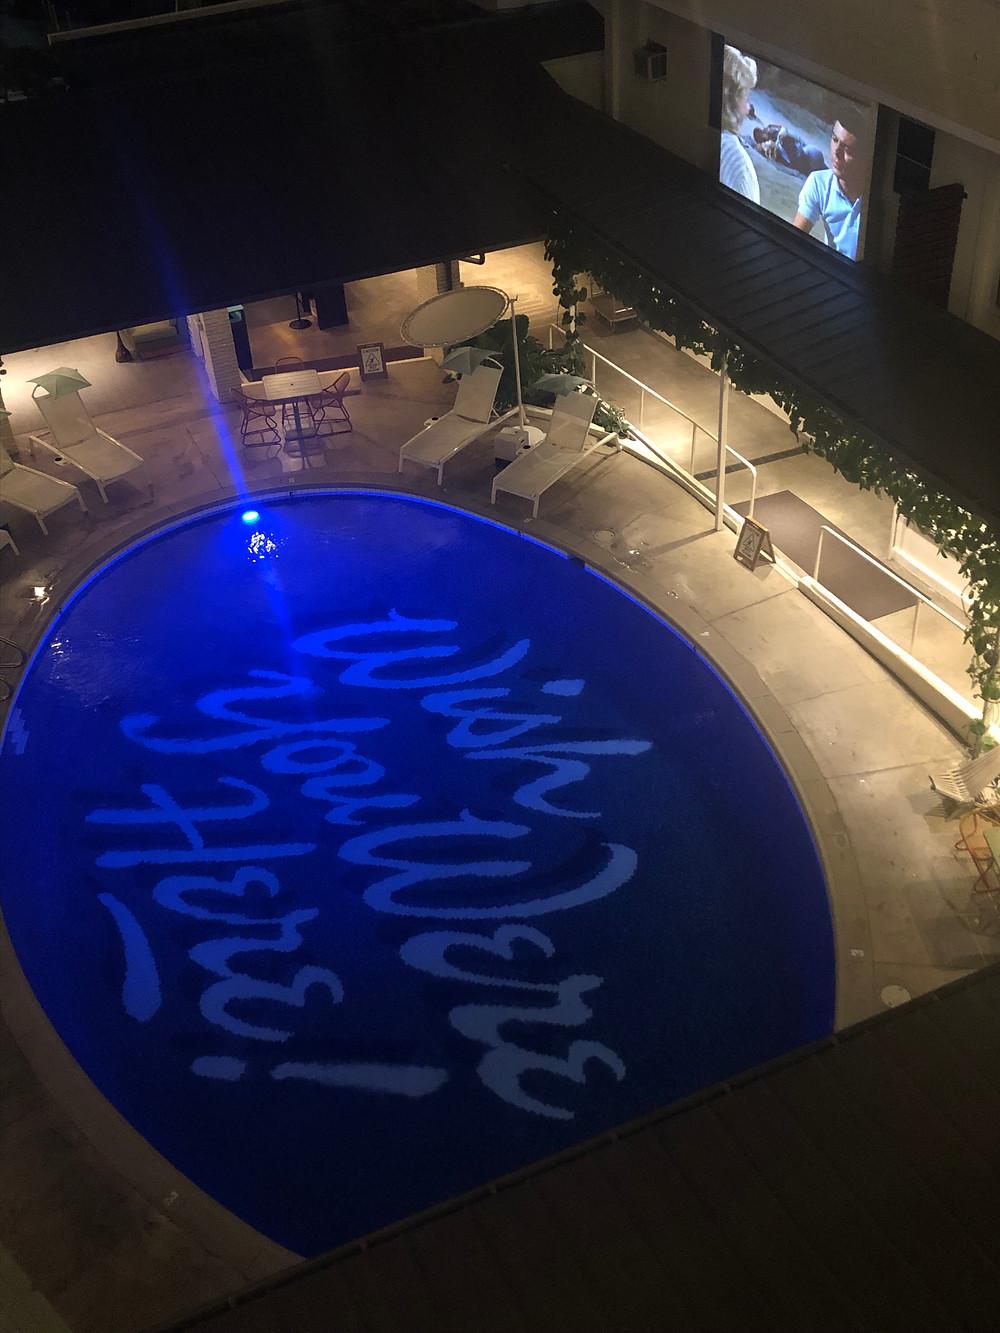 The Surfjack Pool